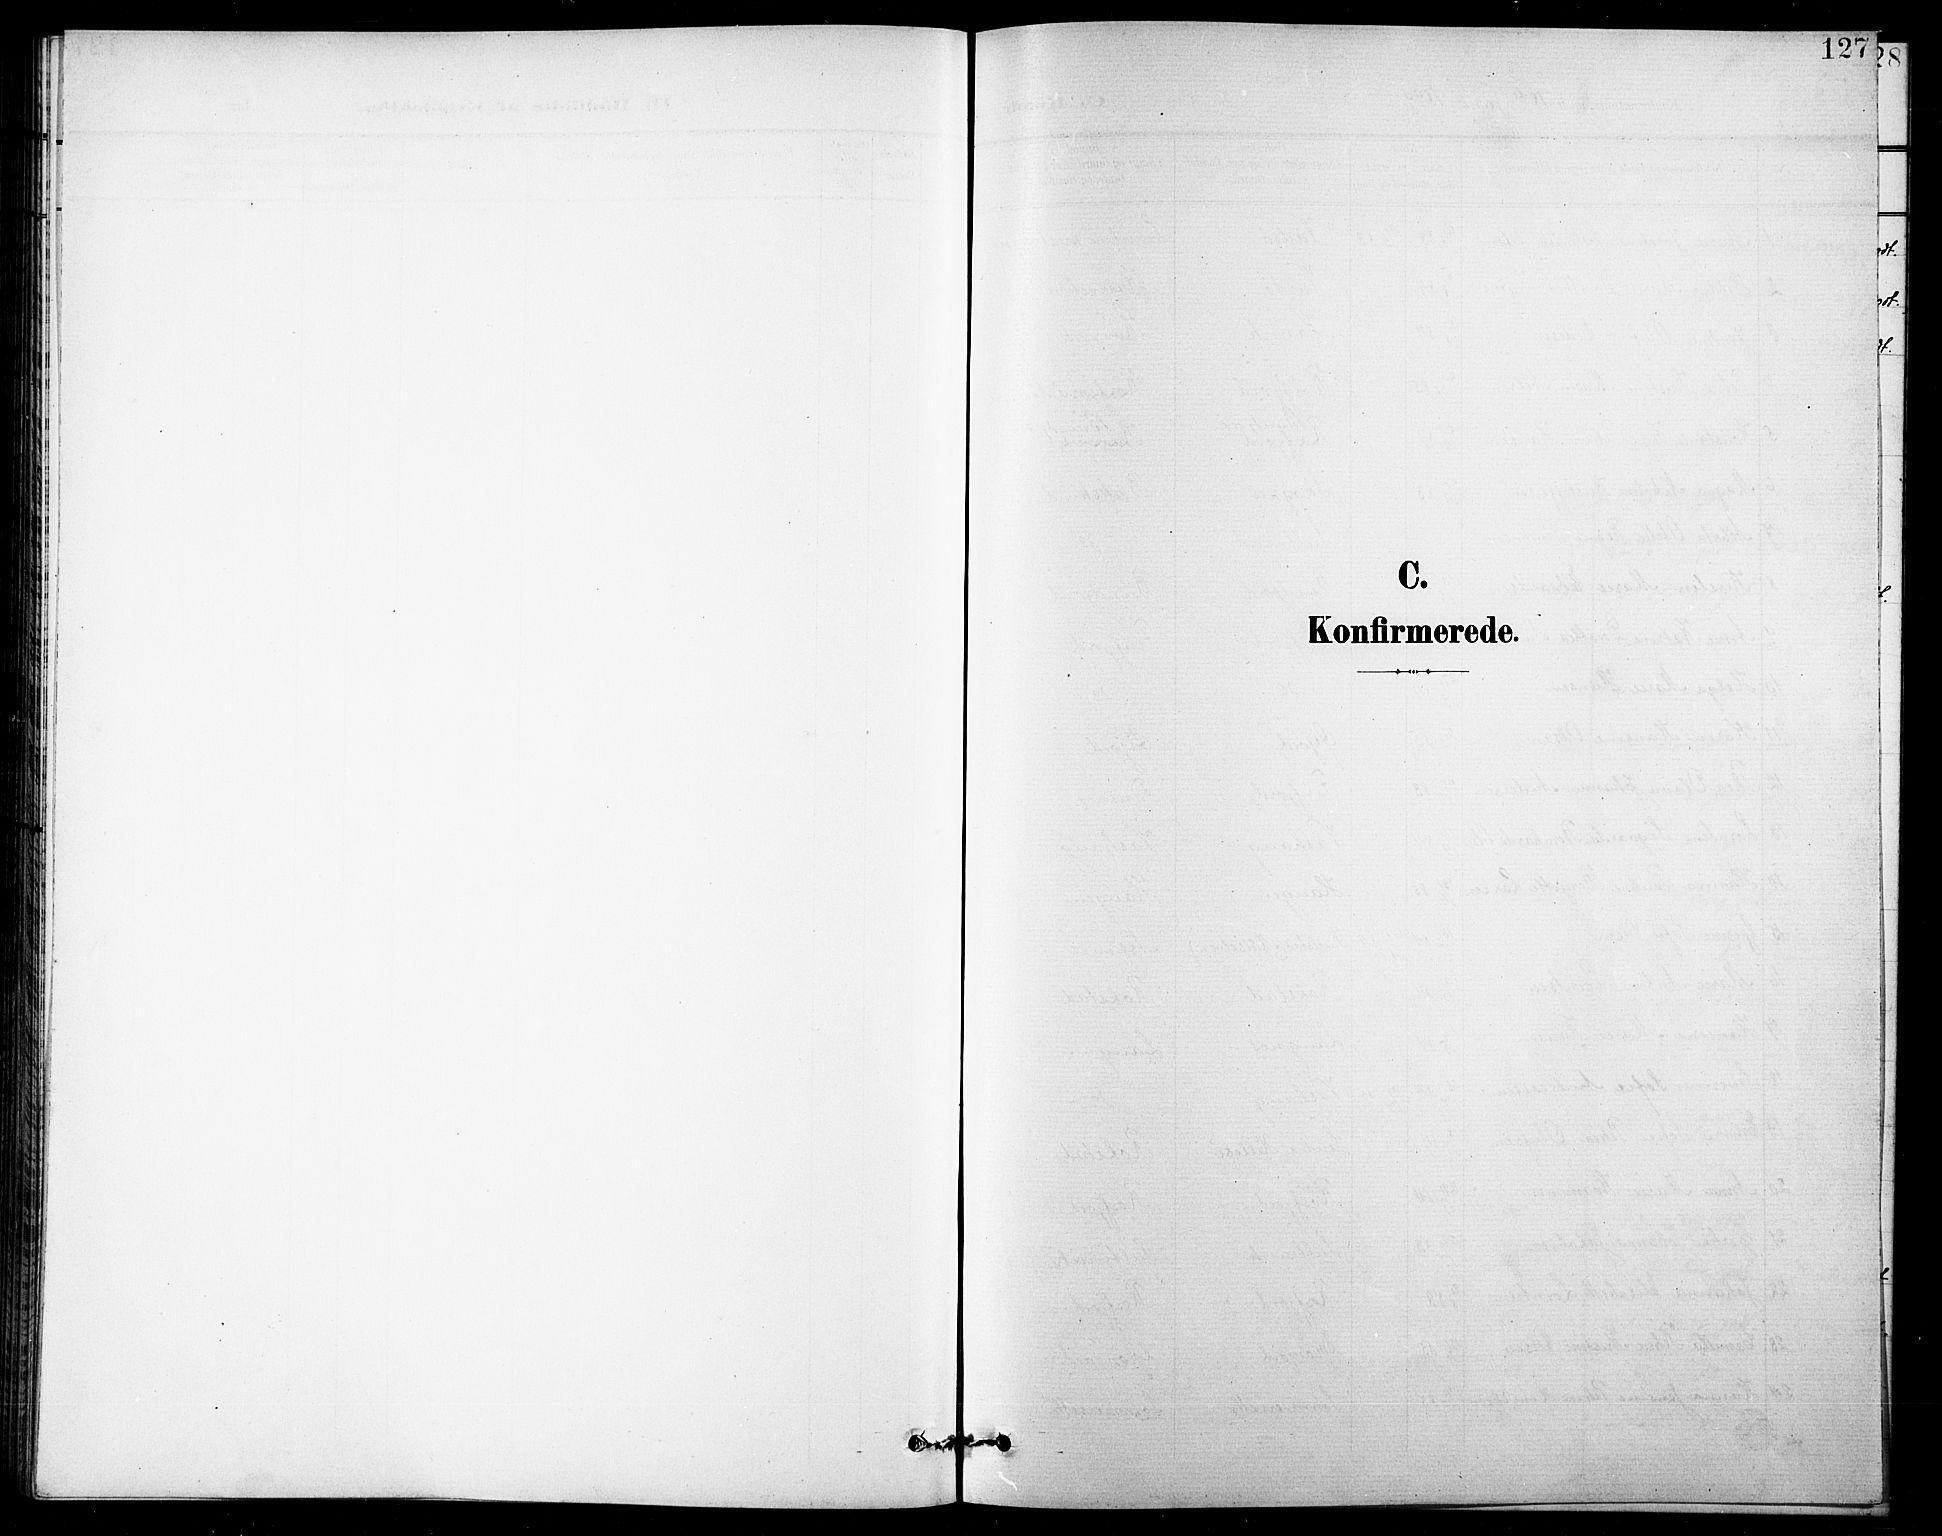 SATØ, Lenvik sokneprestembete, H/Ha: Klokkerbok nr. 8, 1899-1911, s. 127